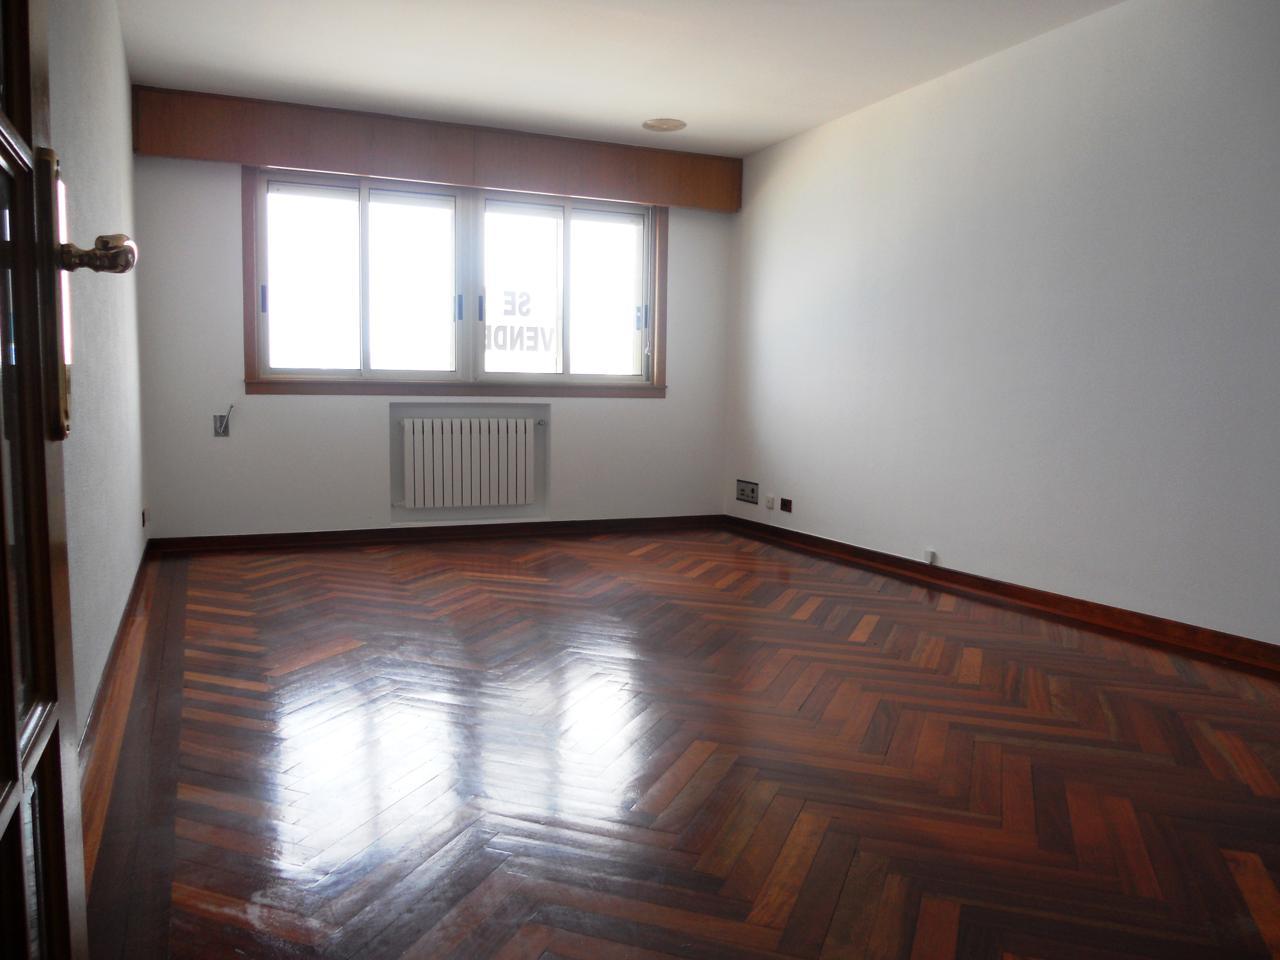 Piso en venta en La Coruña de 115 m2